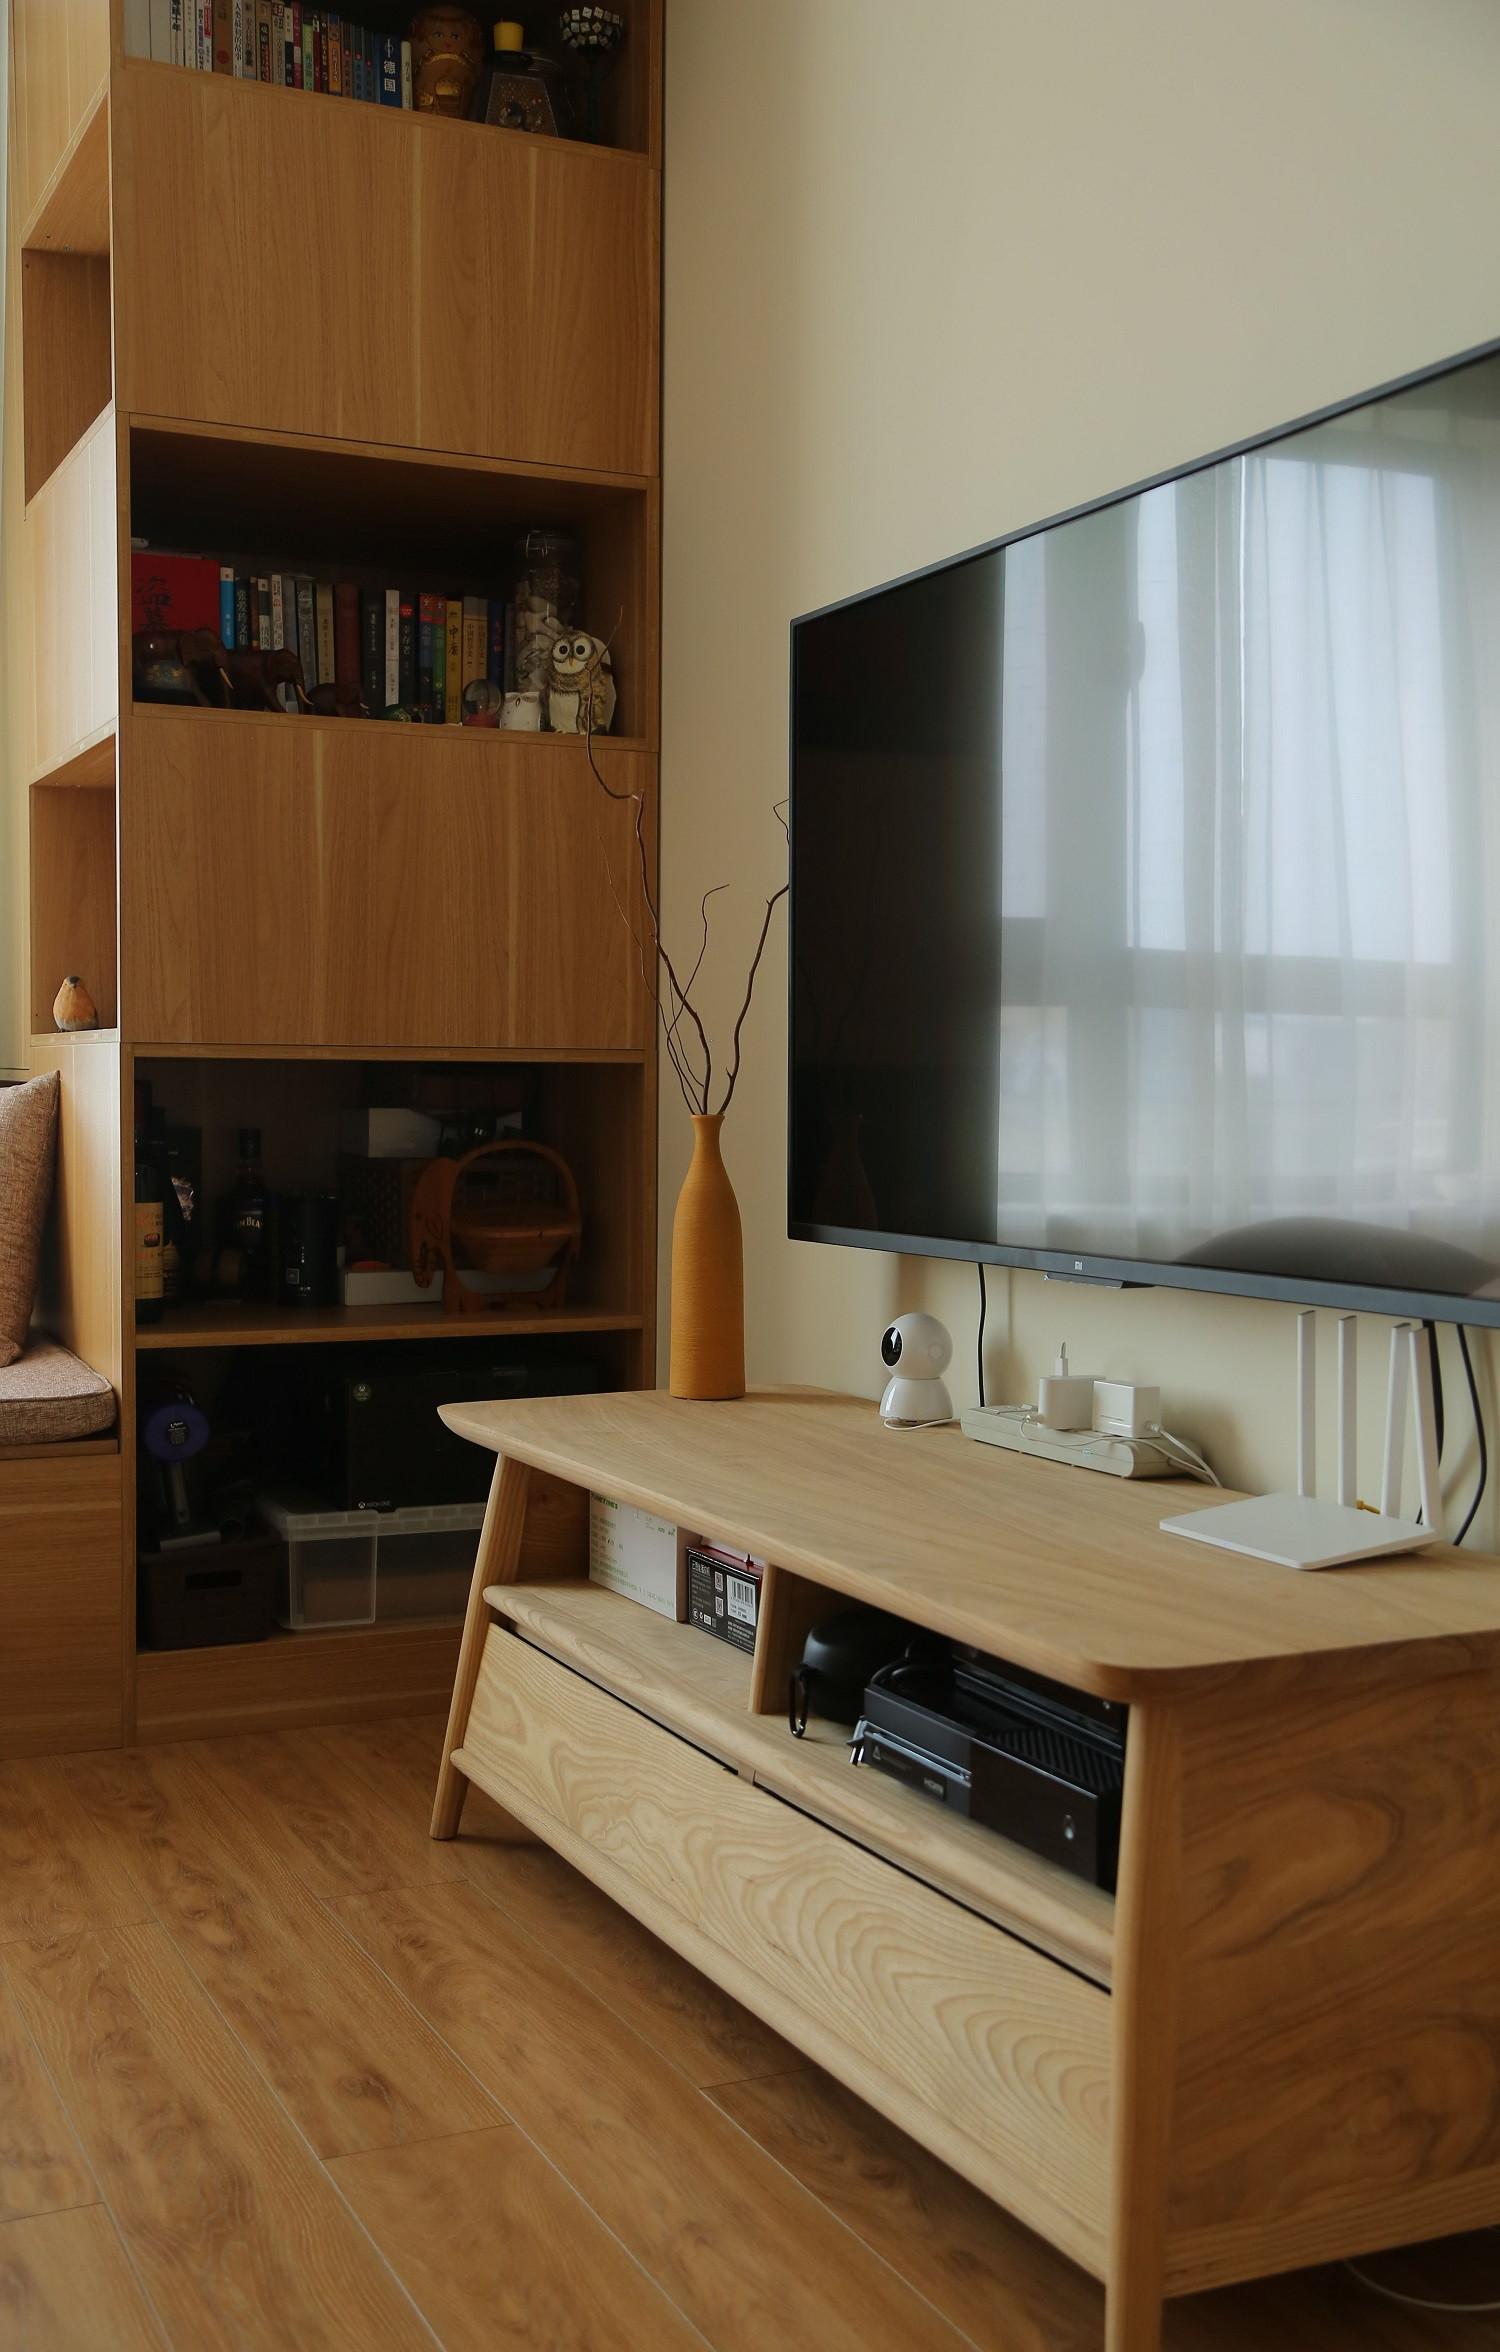 简约两居之家电视柜图片